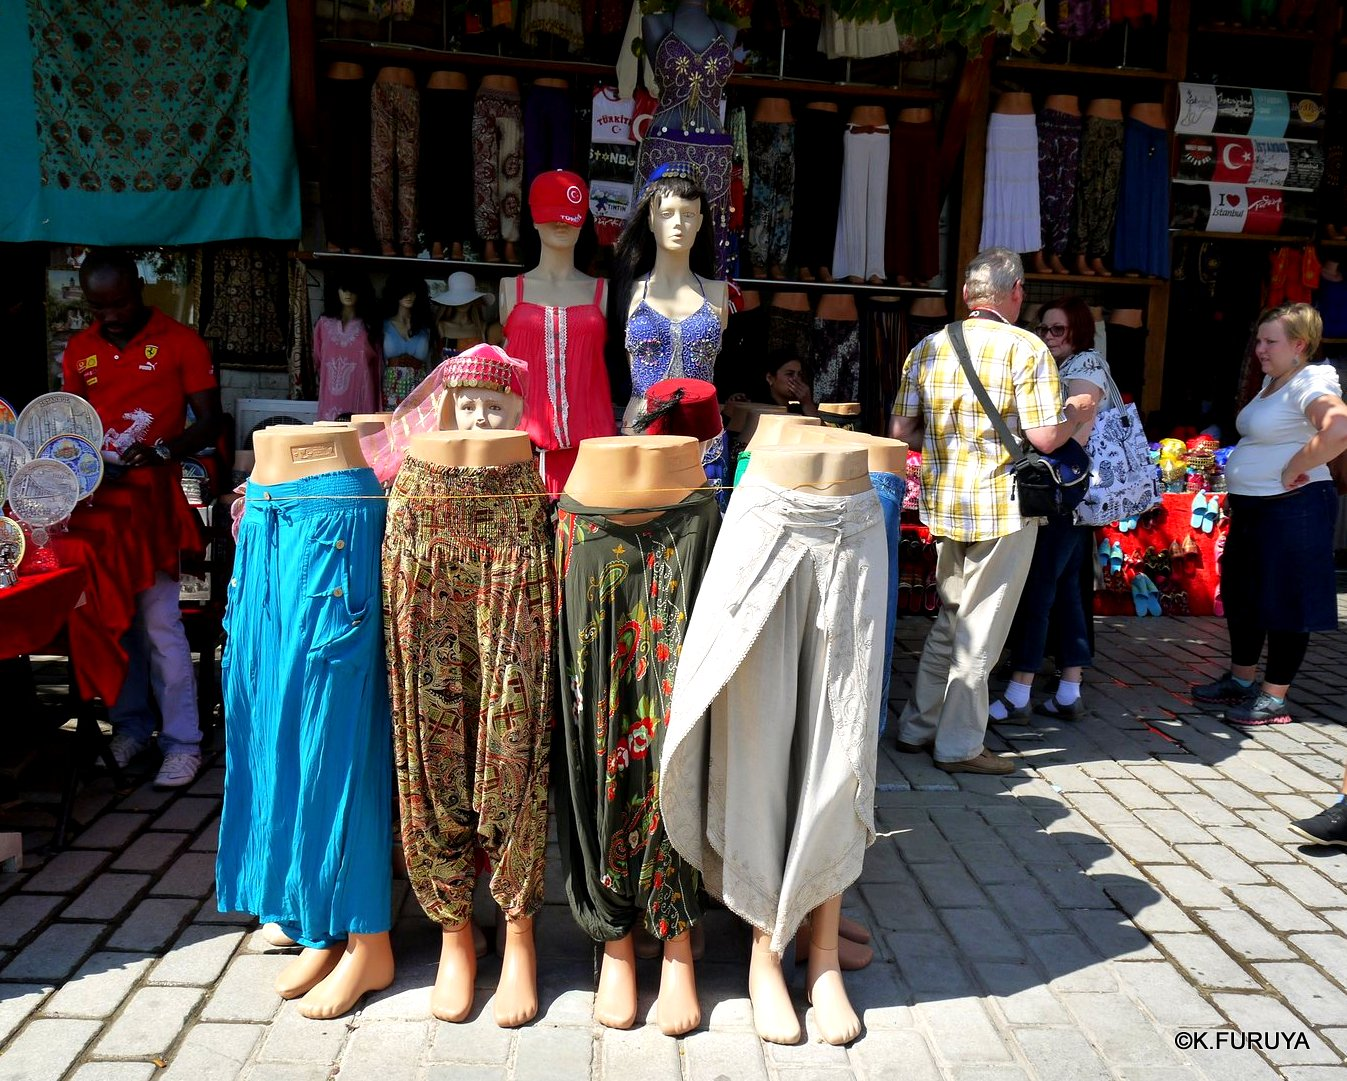 トルコ旅行記 37 イスタンブール旧市街その1_a0092659_1822365.jpg